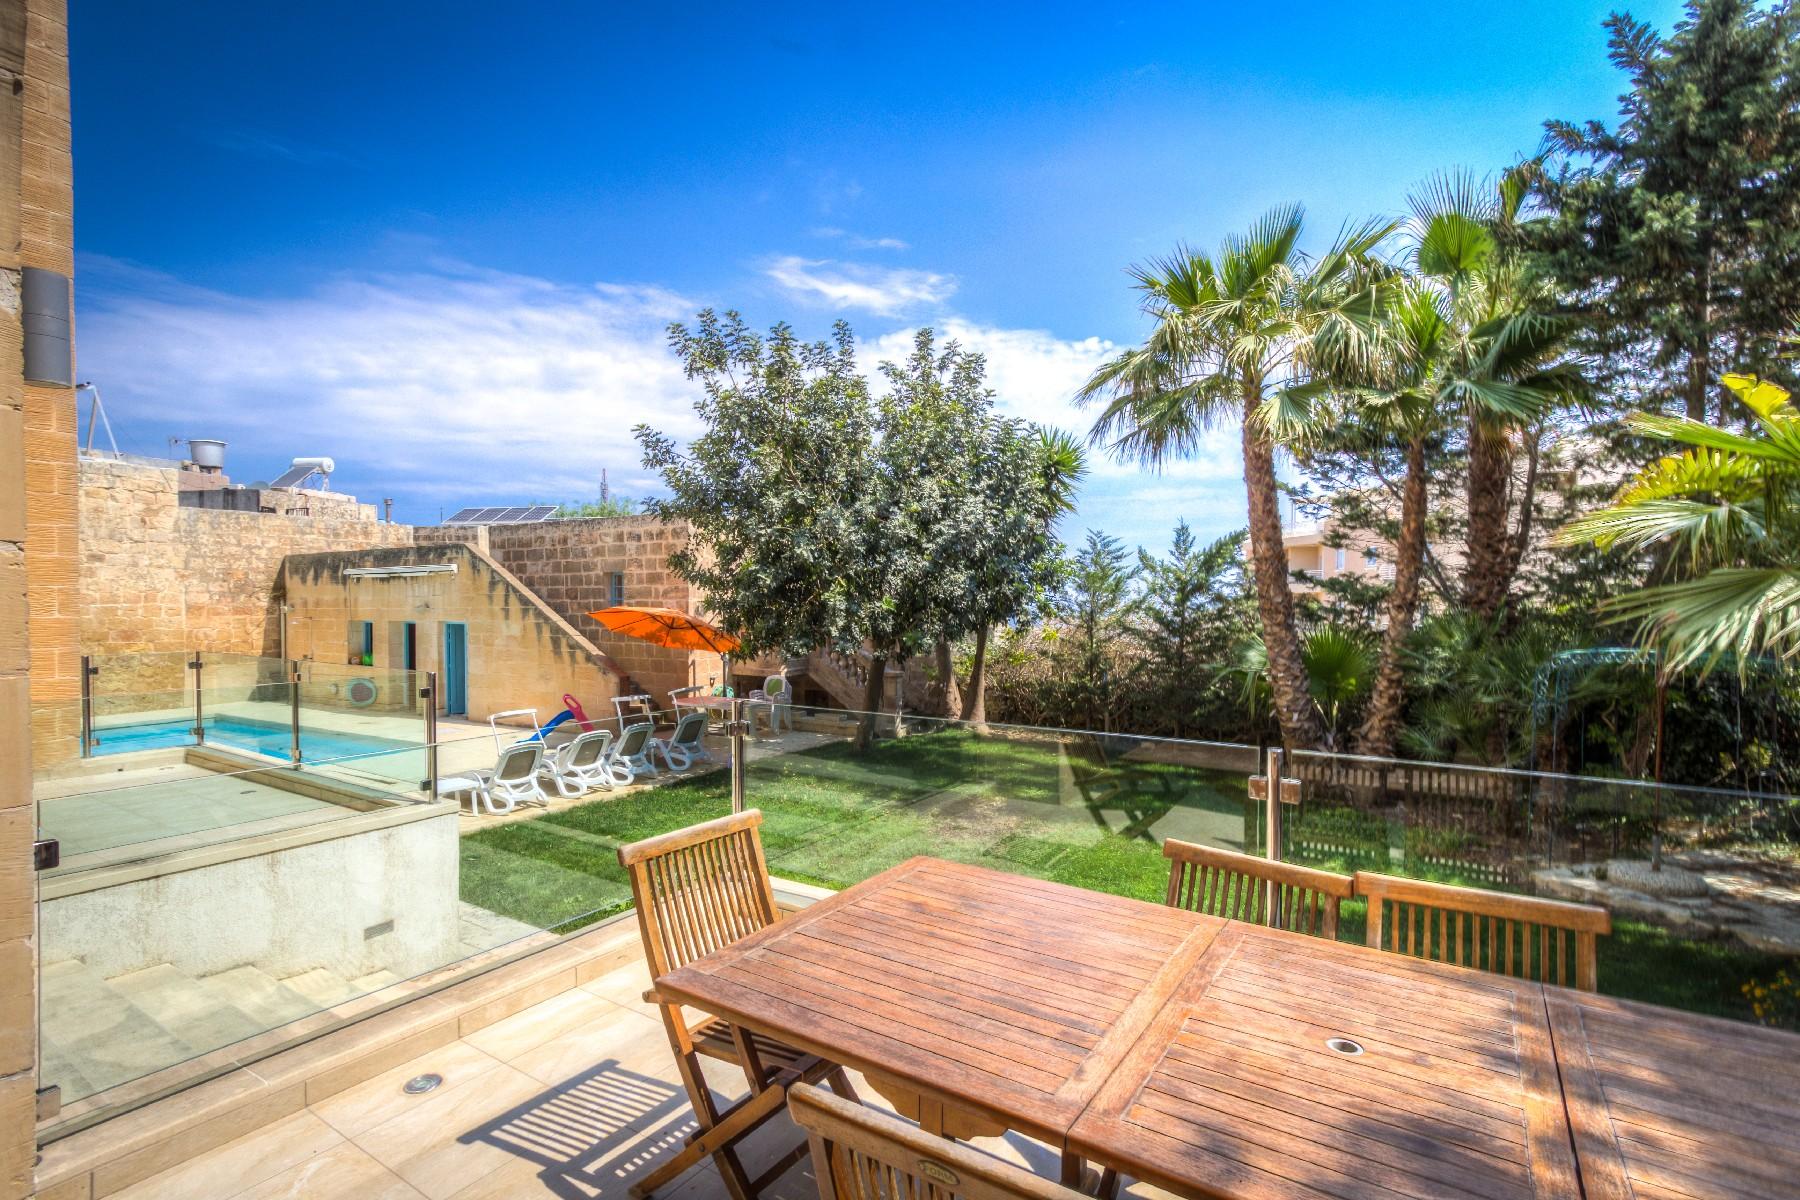 Другая жилая недвижимость для того Продажа на House Of Character Gharghur, Мальта